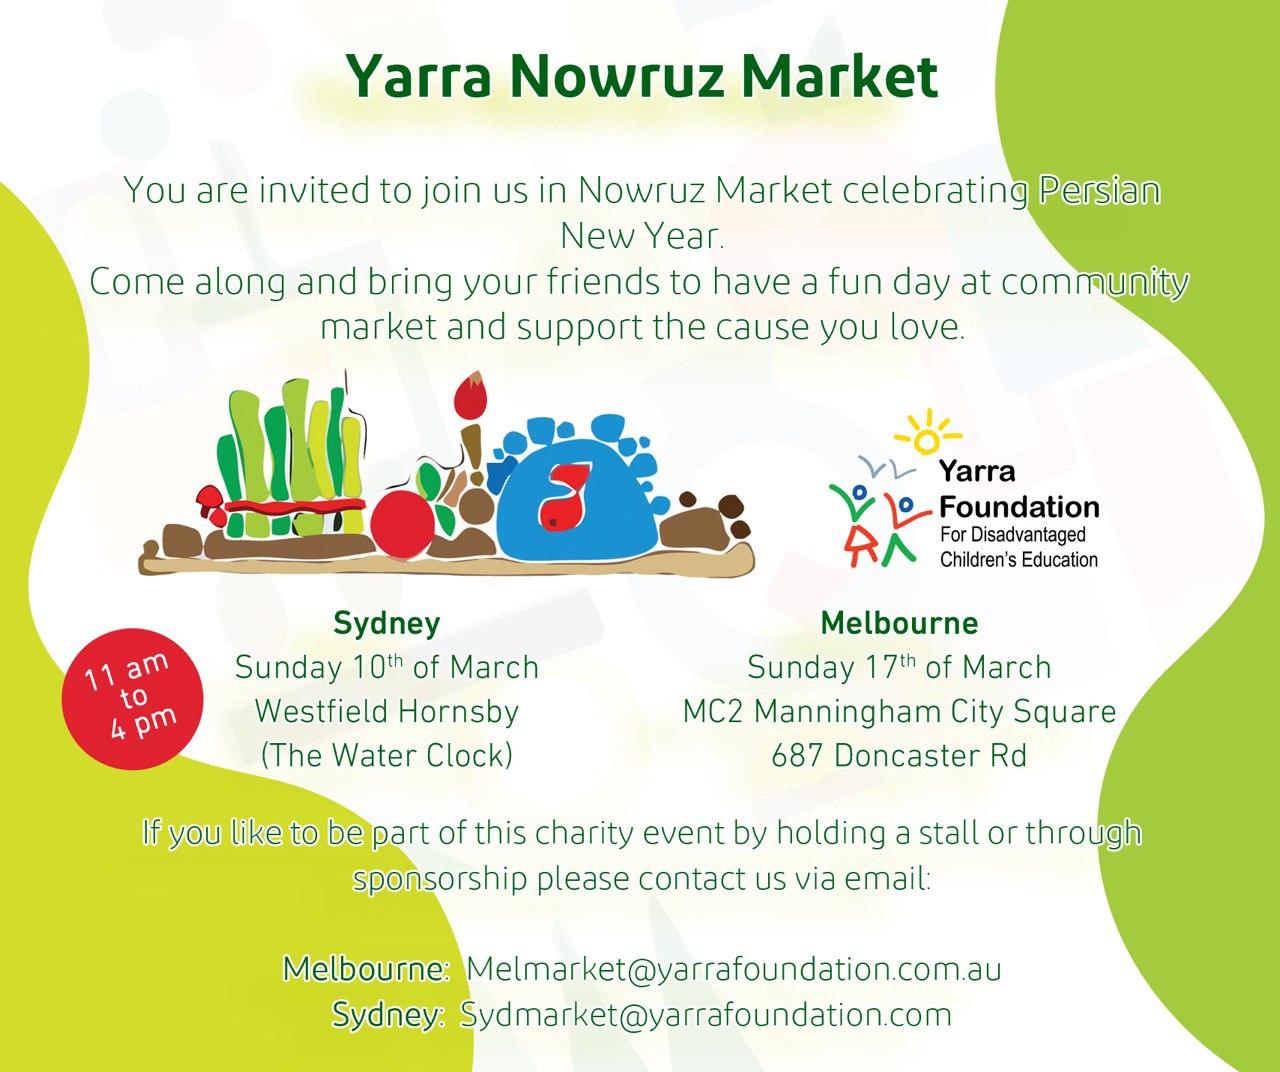 بازارچه نوروزی یارا در سیدنی و ملبورن